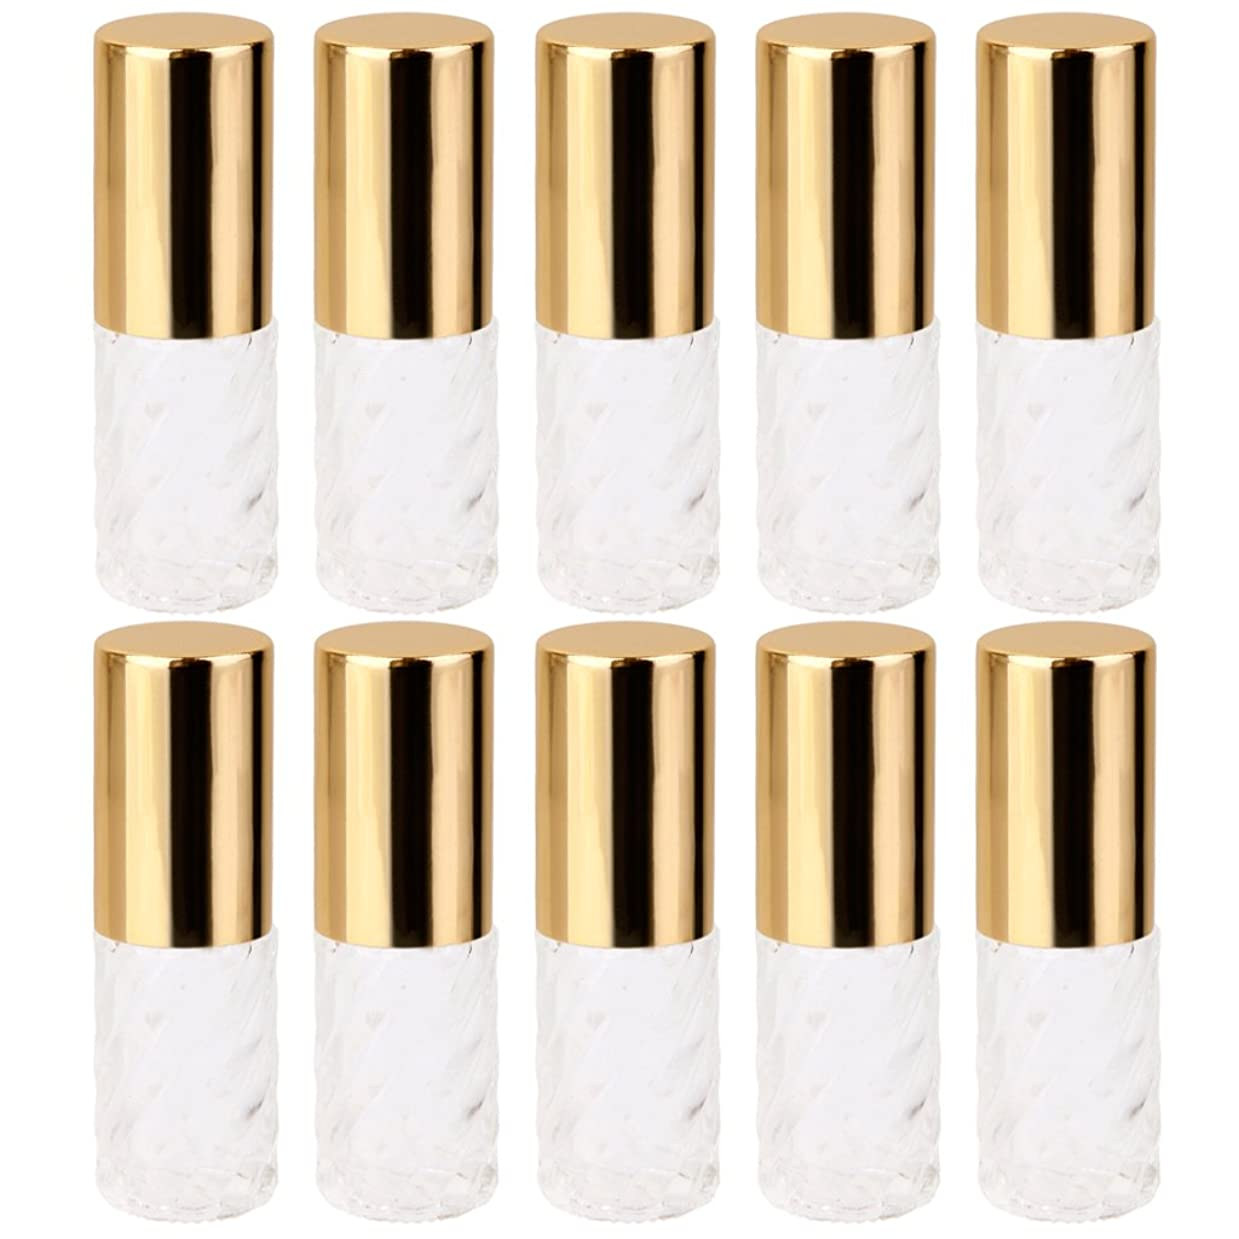 平和な理想的には晩ごはんBaoblaze 10本入り 透明 交換 旅行 空 ロールオン ガラス 香水瓶 容器 コスメ 詰替え 便利 5ml